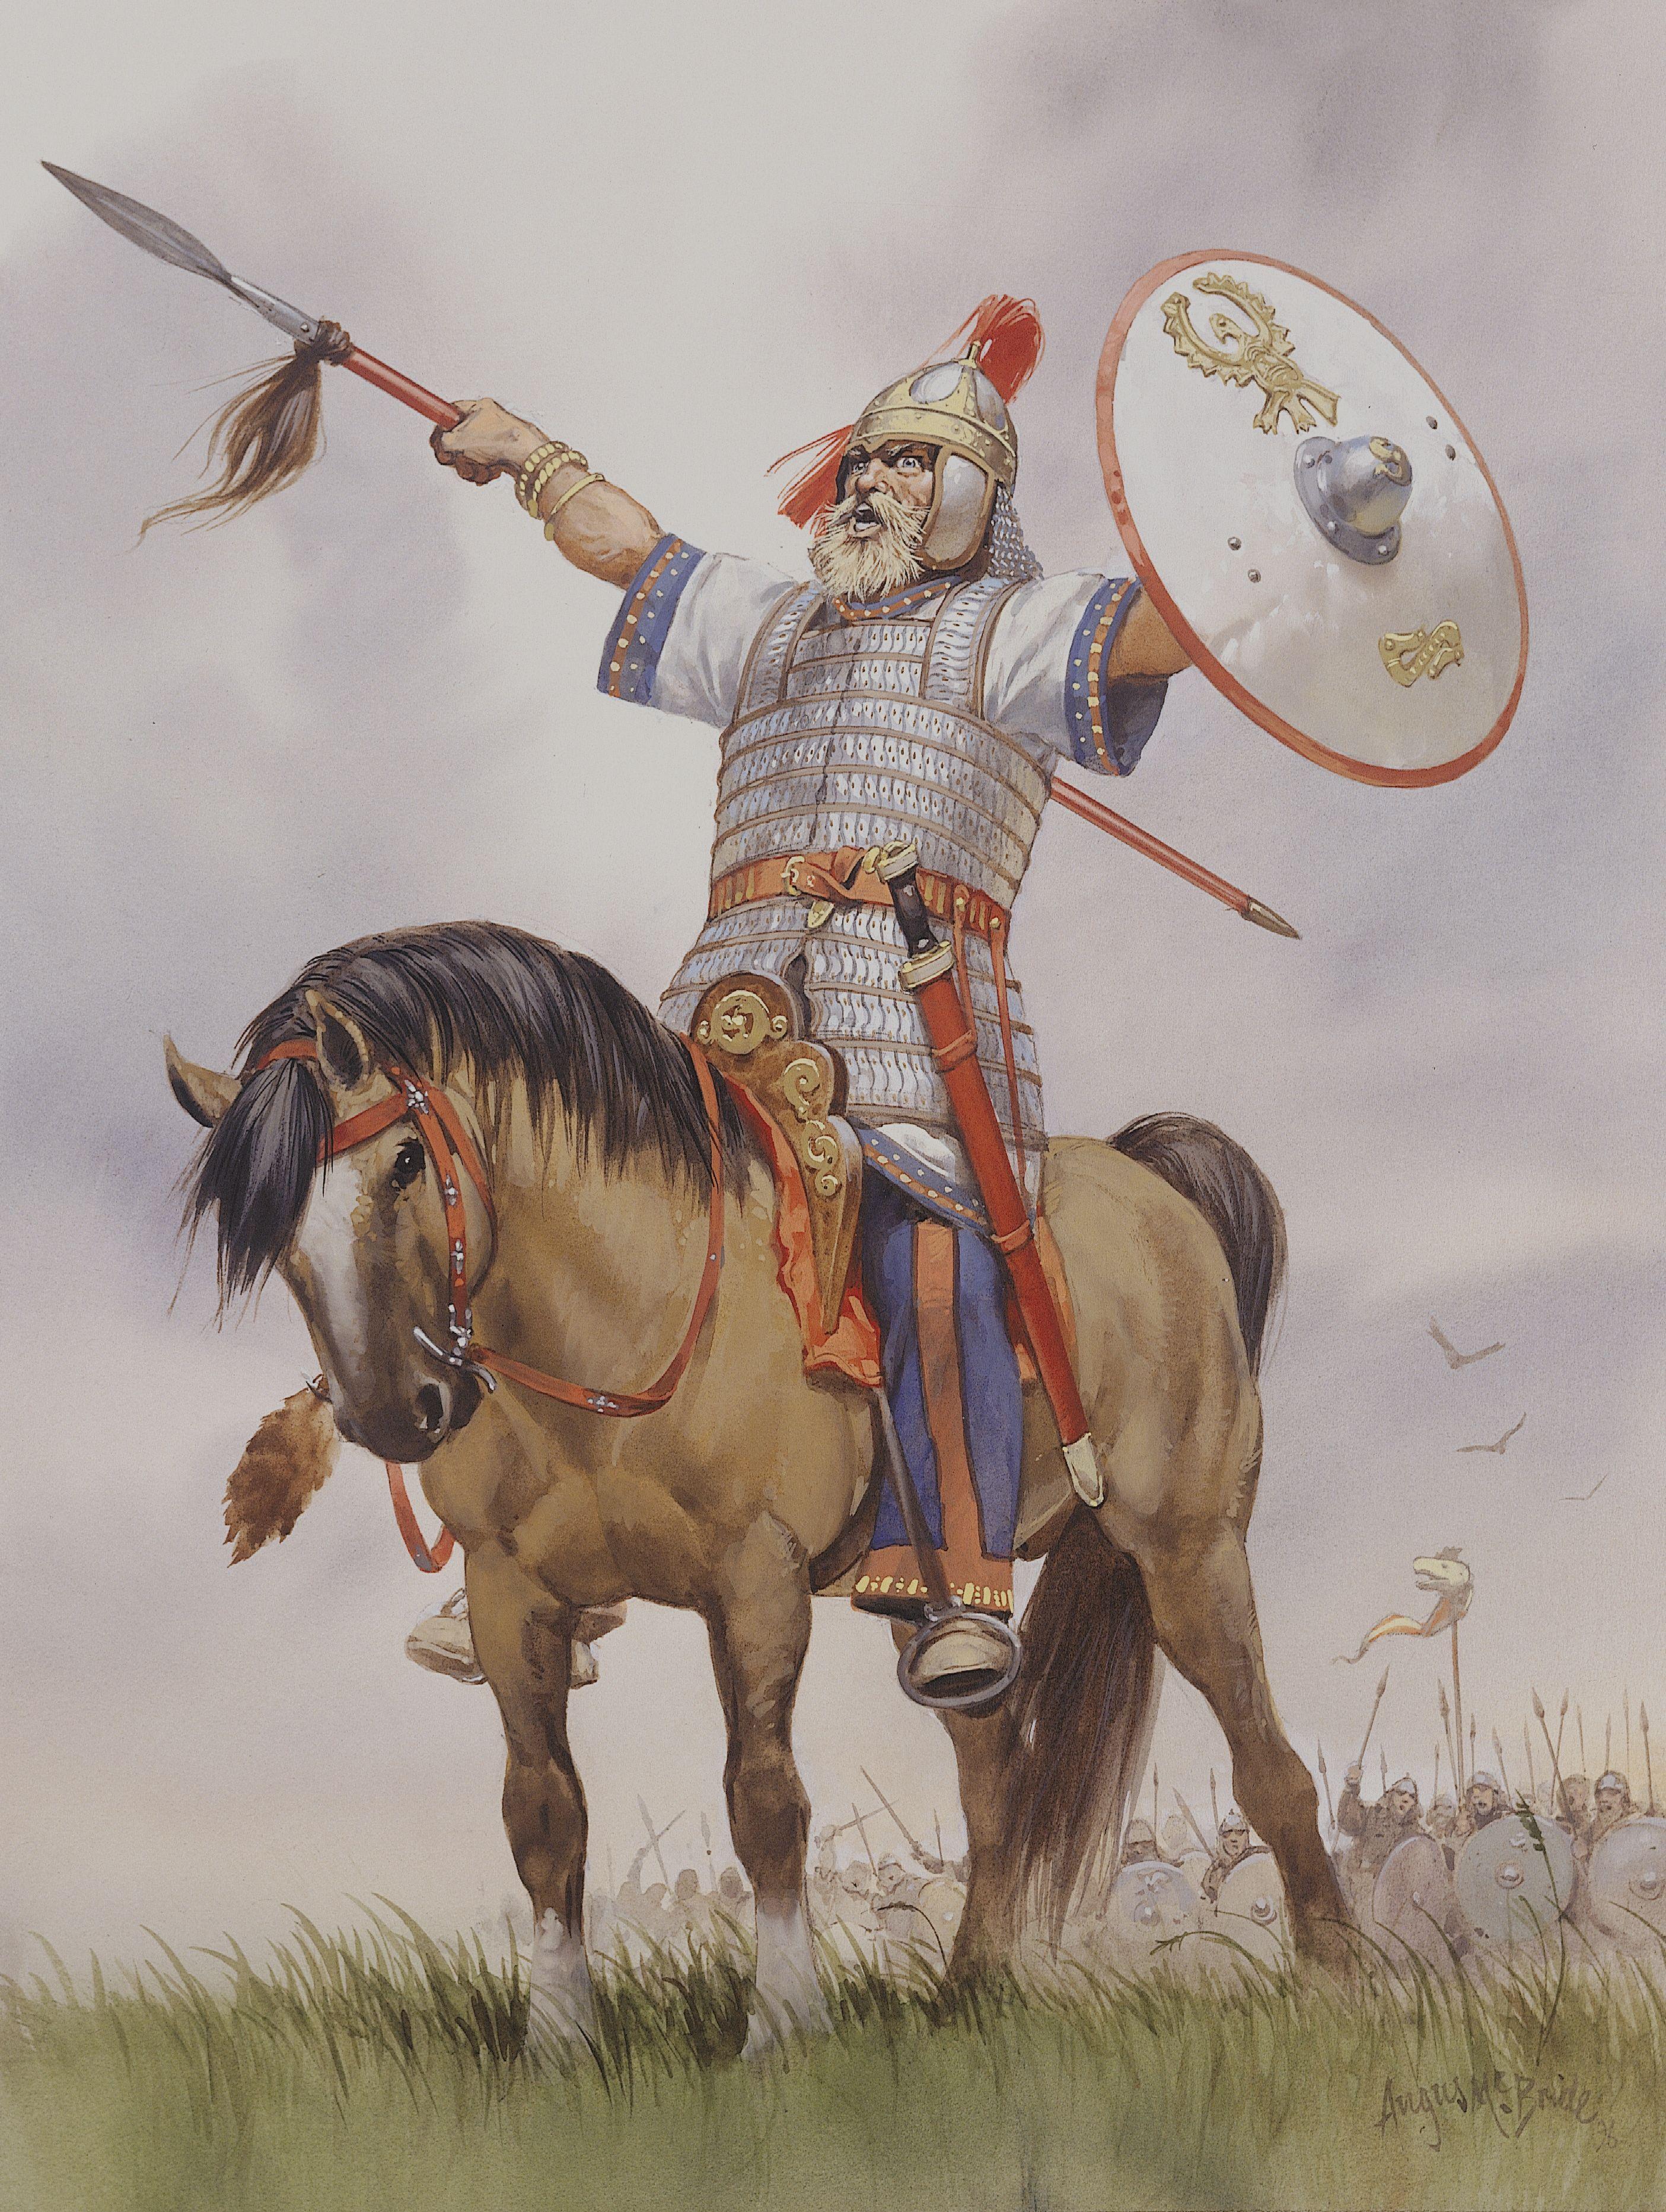 плюсы воины франки картинки оголять головку больно